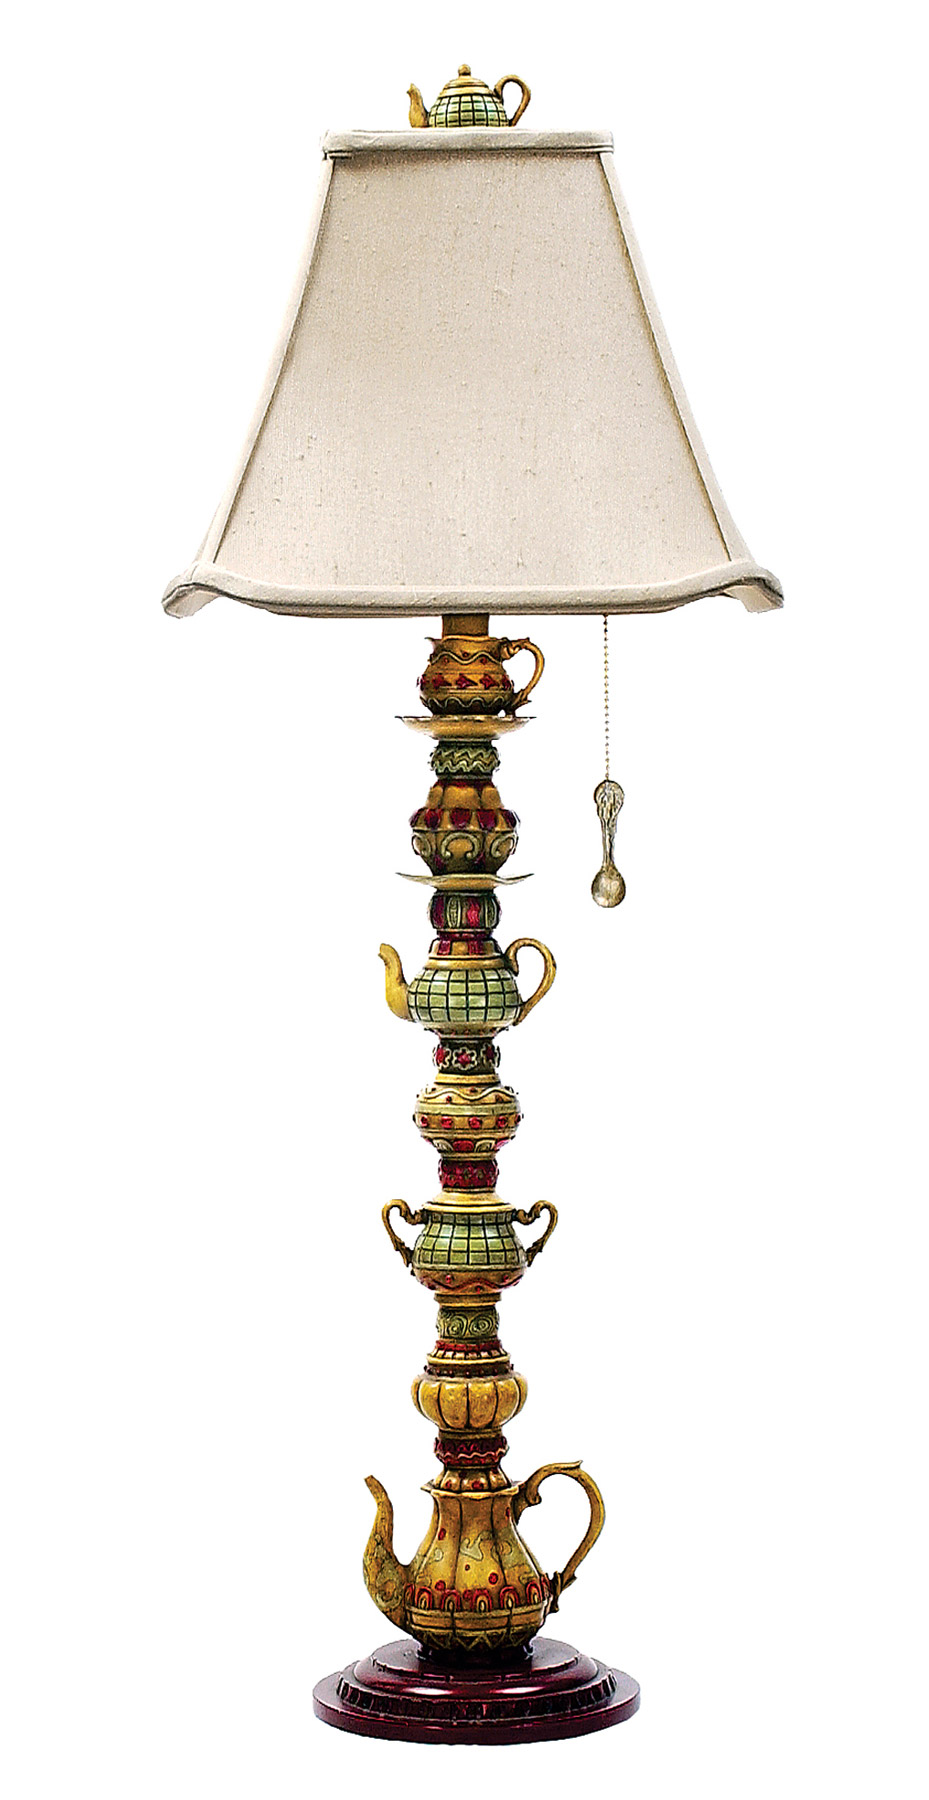 Dimond 91 253 Tea Service Candlestick Buffet Lamp